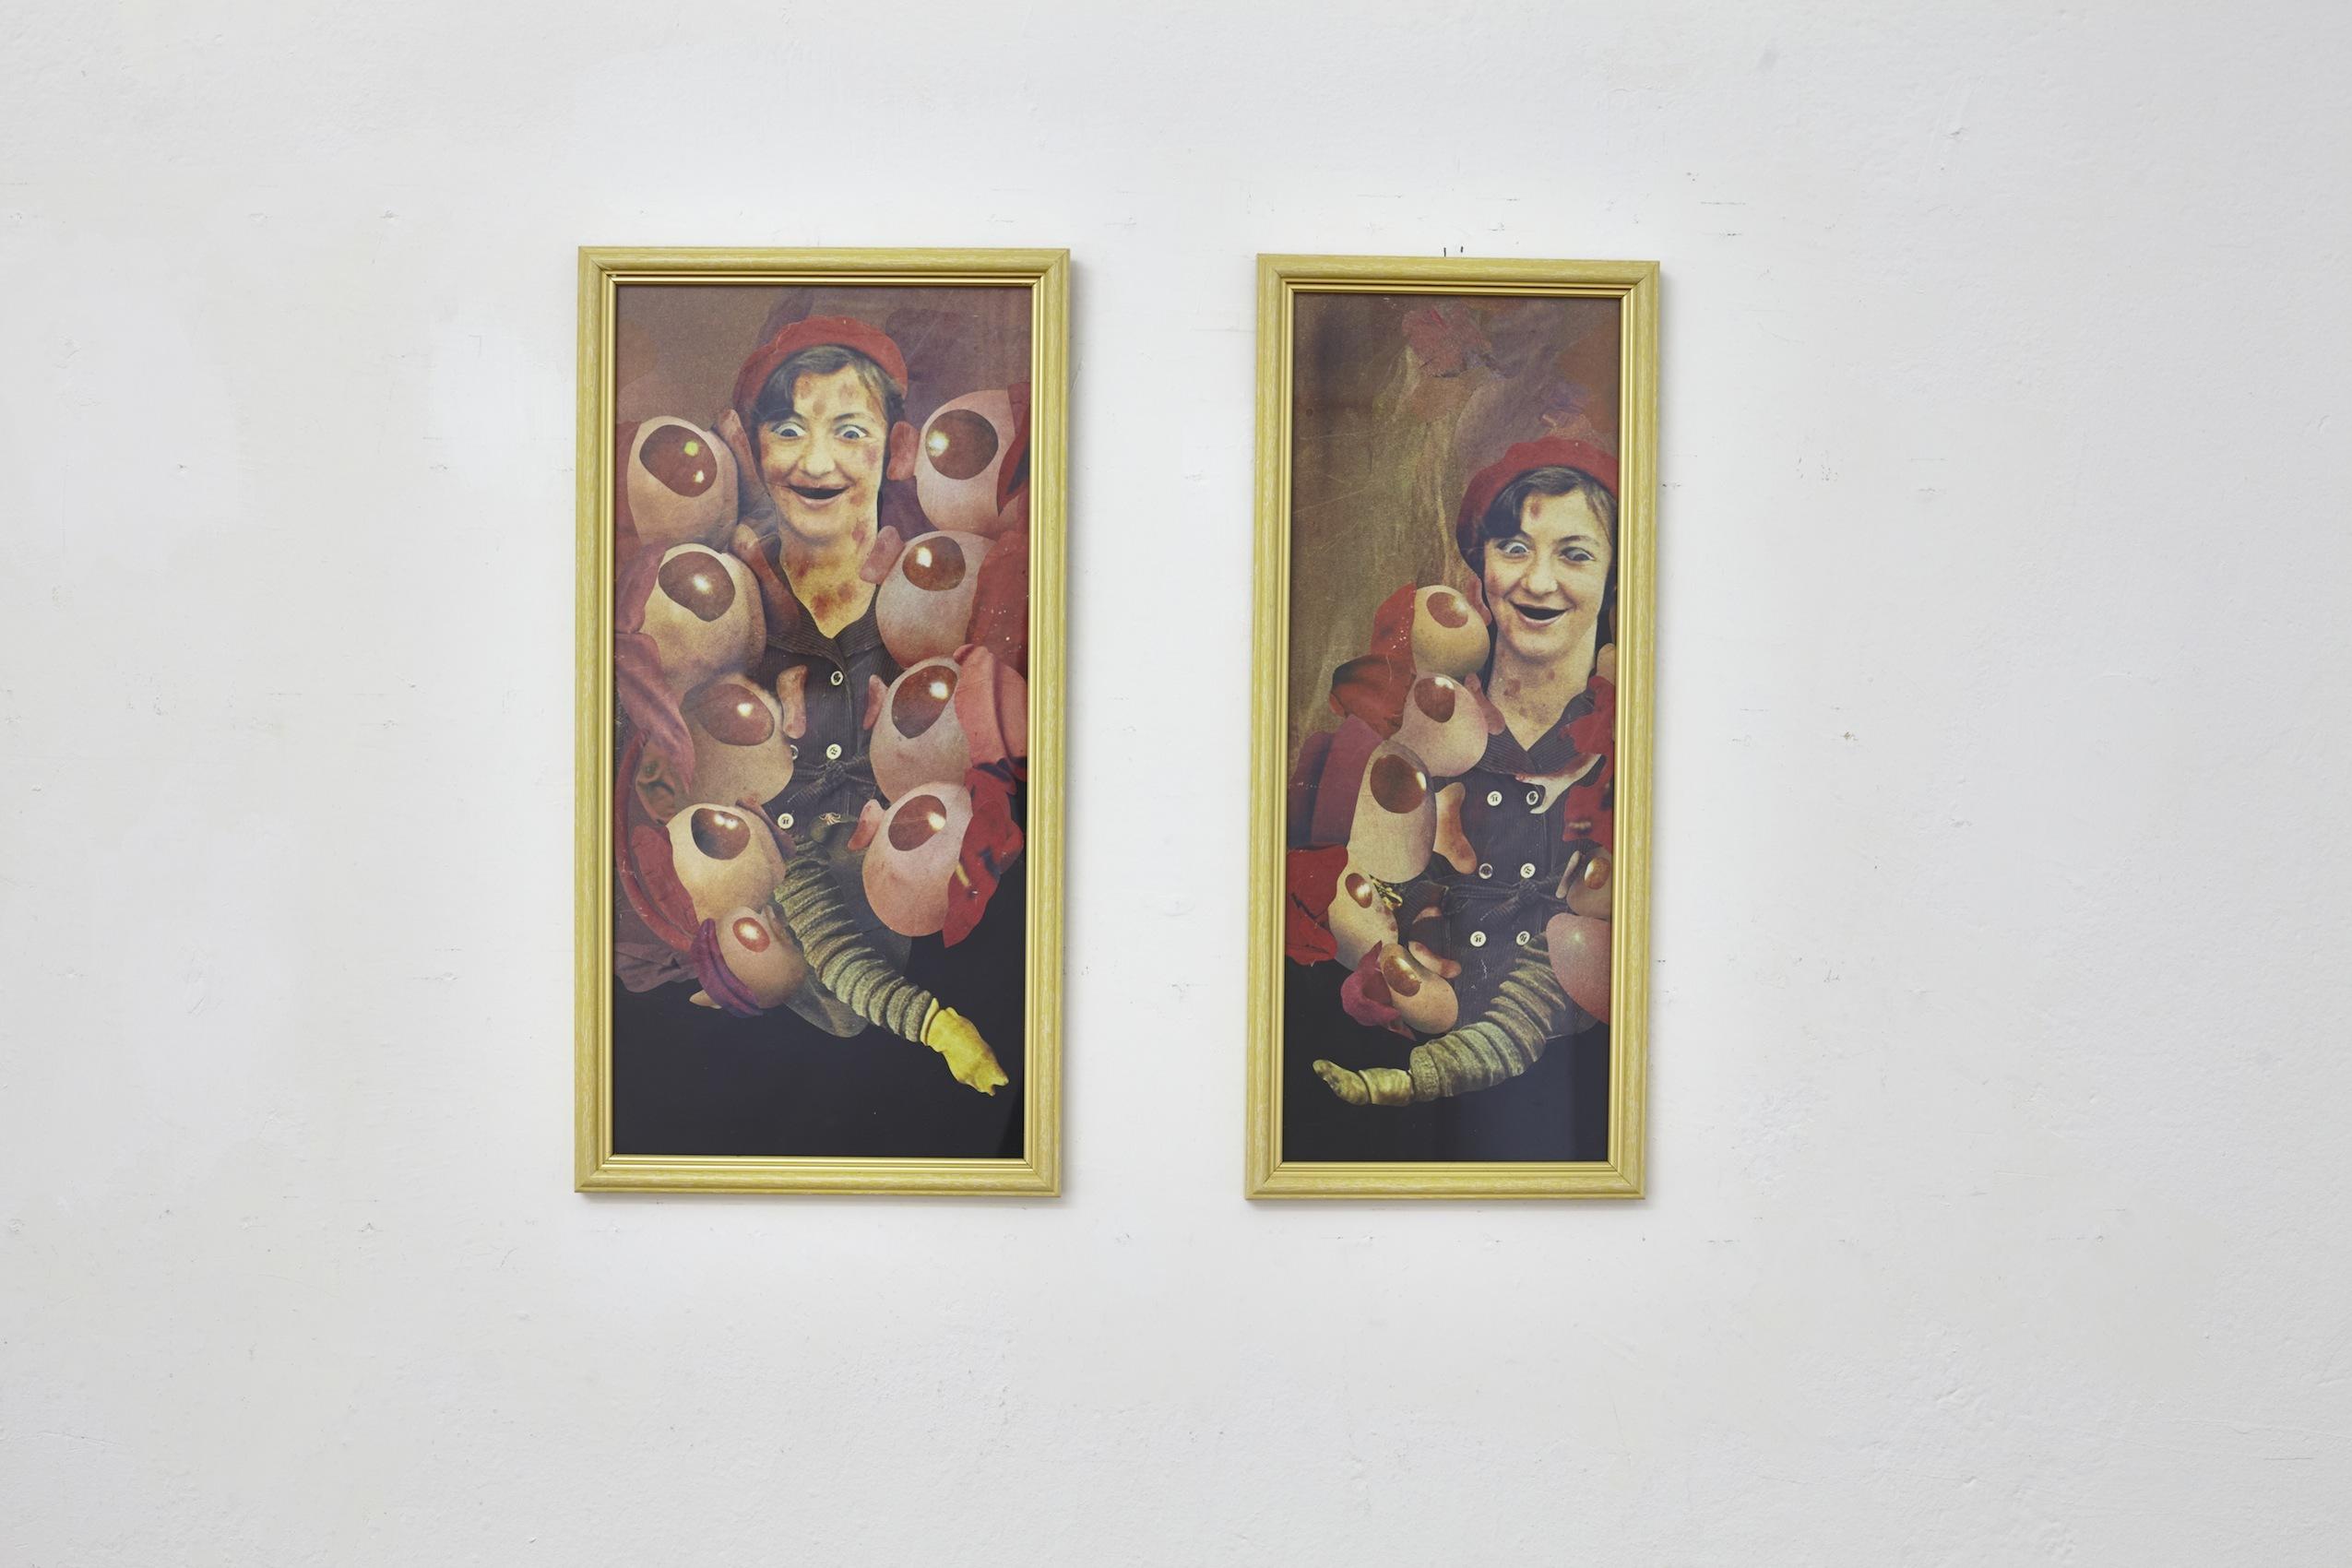 Konrad Maciejewicz, Horny Twins, 2013, kolaże napapierze